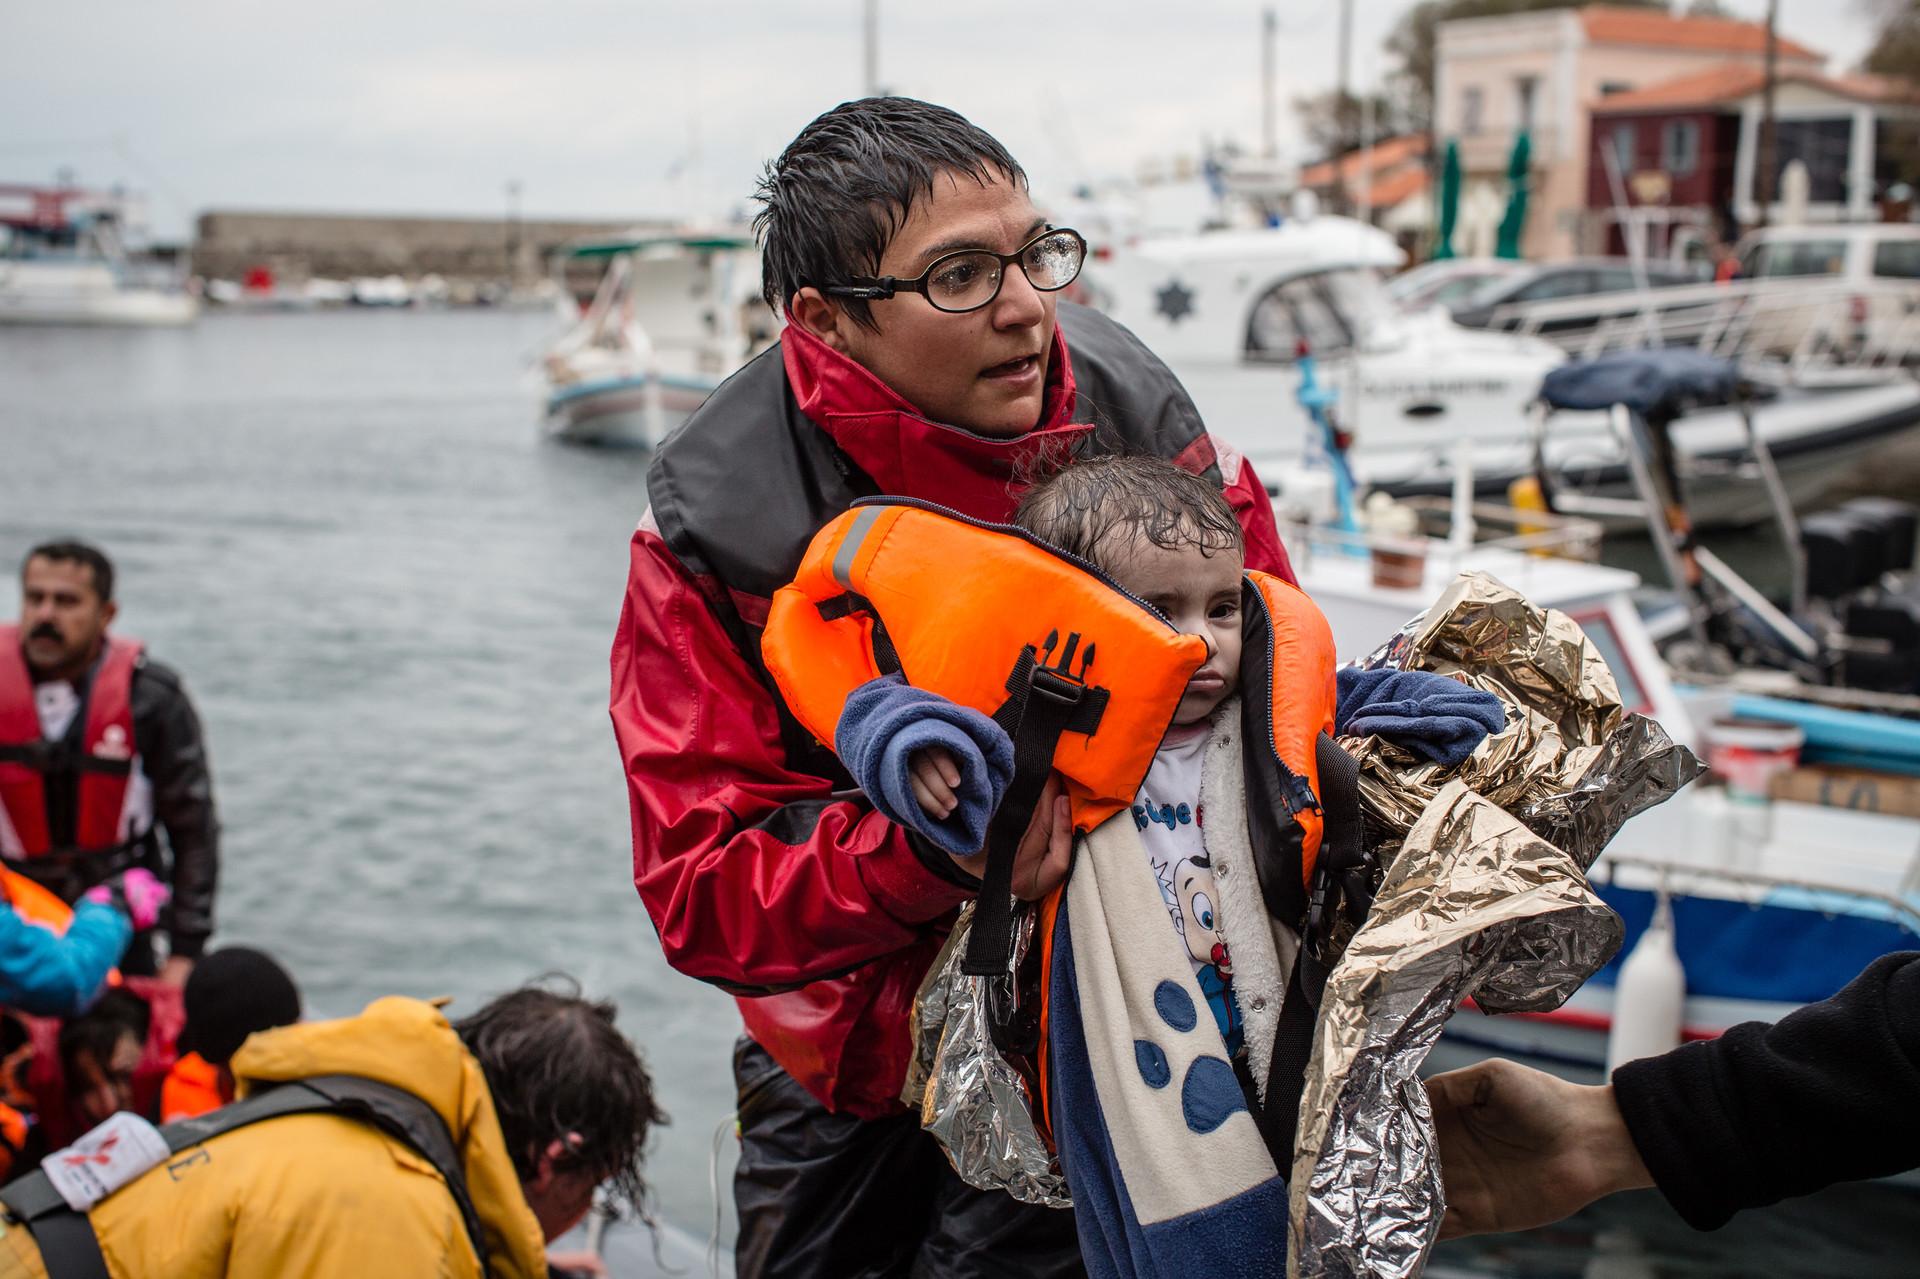 Un total de 83 personas fueron rescatadas, mientras que dos personas – un hombre de 80 años y una beba de seis meses – murieron ahogados.